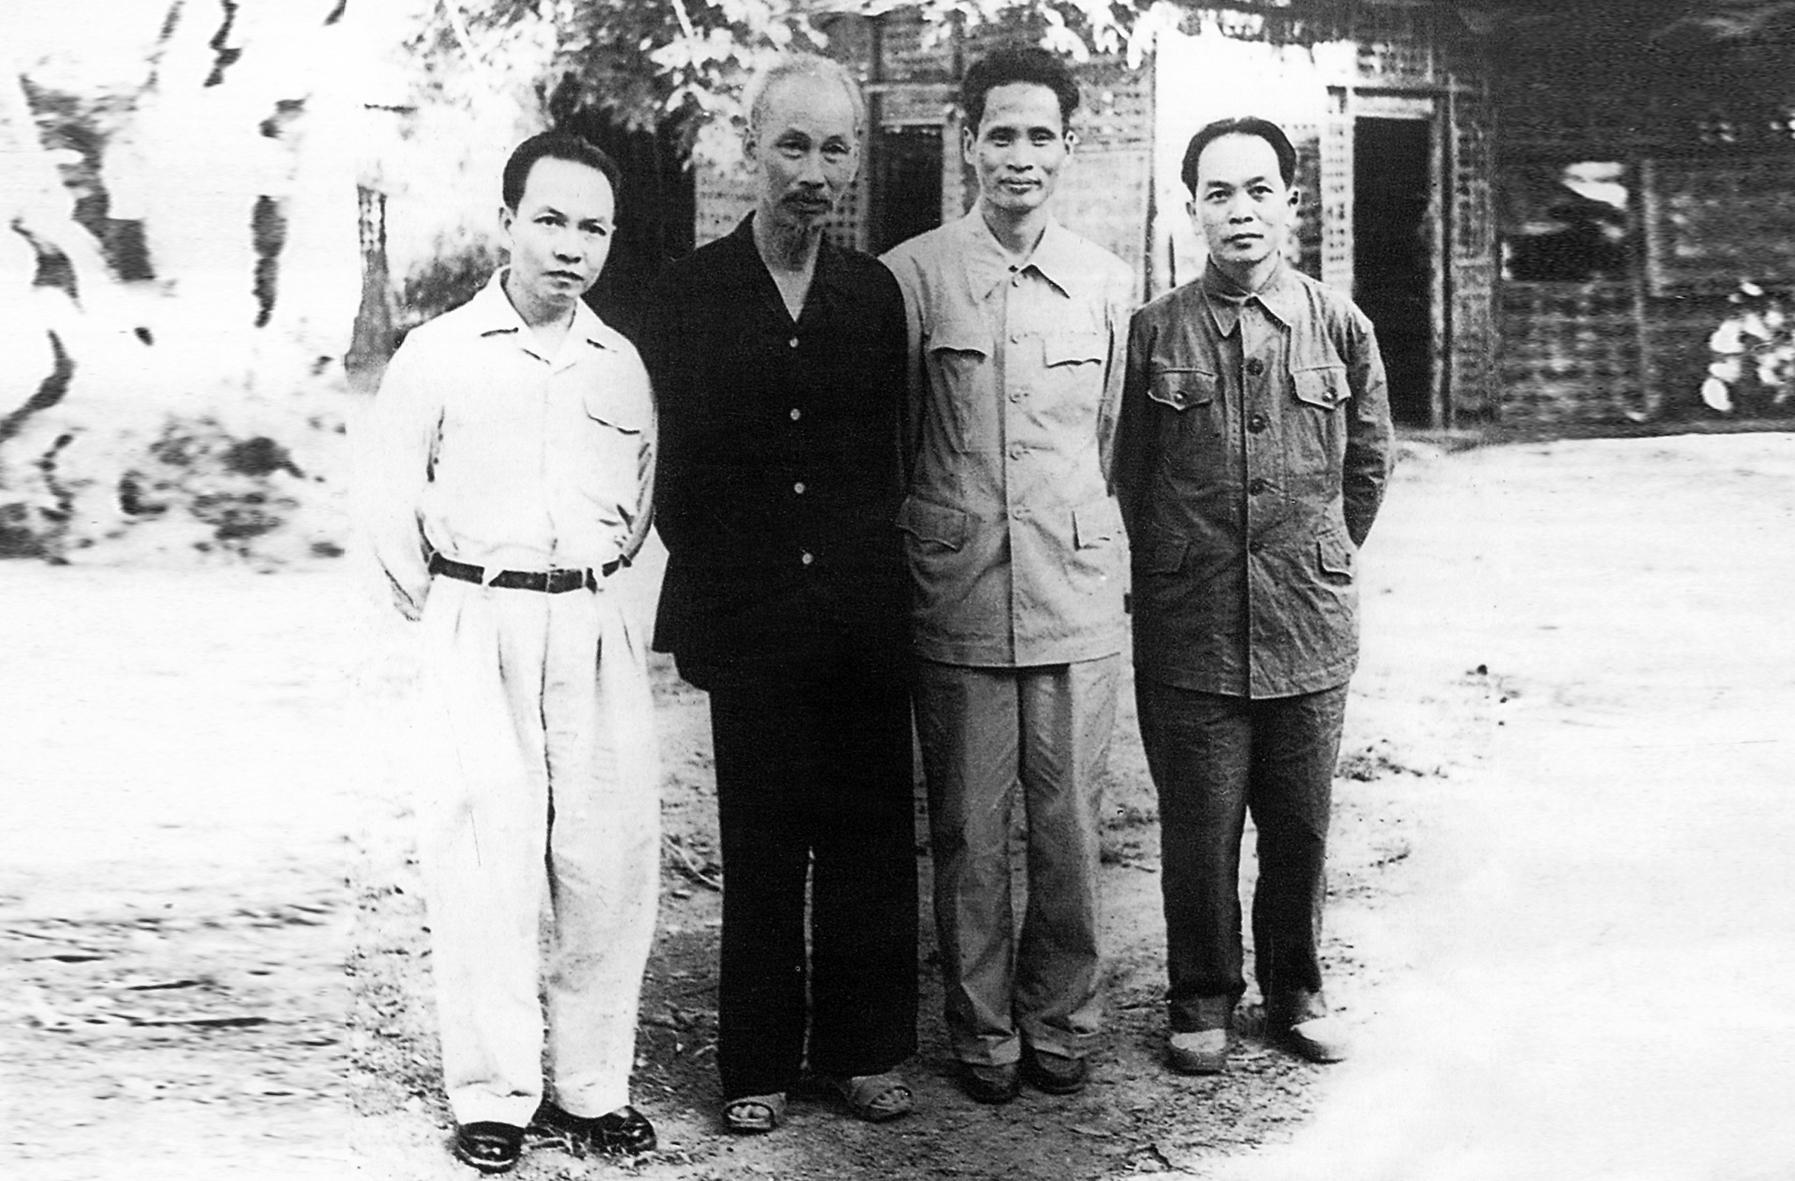 Hội nghị lần thứ năm Ban Chấp hành Trung ương Đảng (khoá II) và Hội nghị toàn quốc lần thứ nhất của Đảng